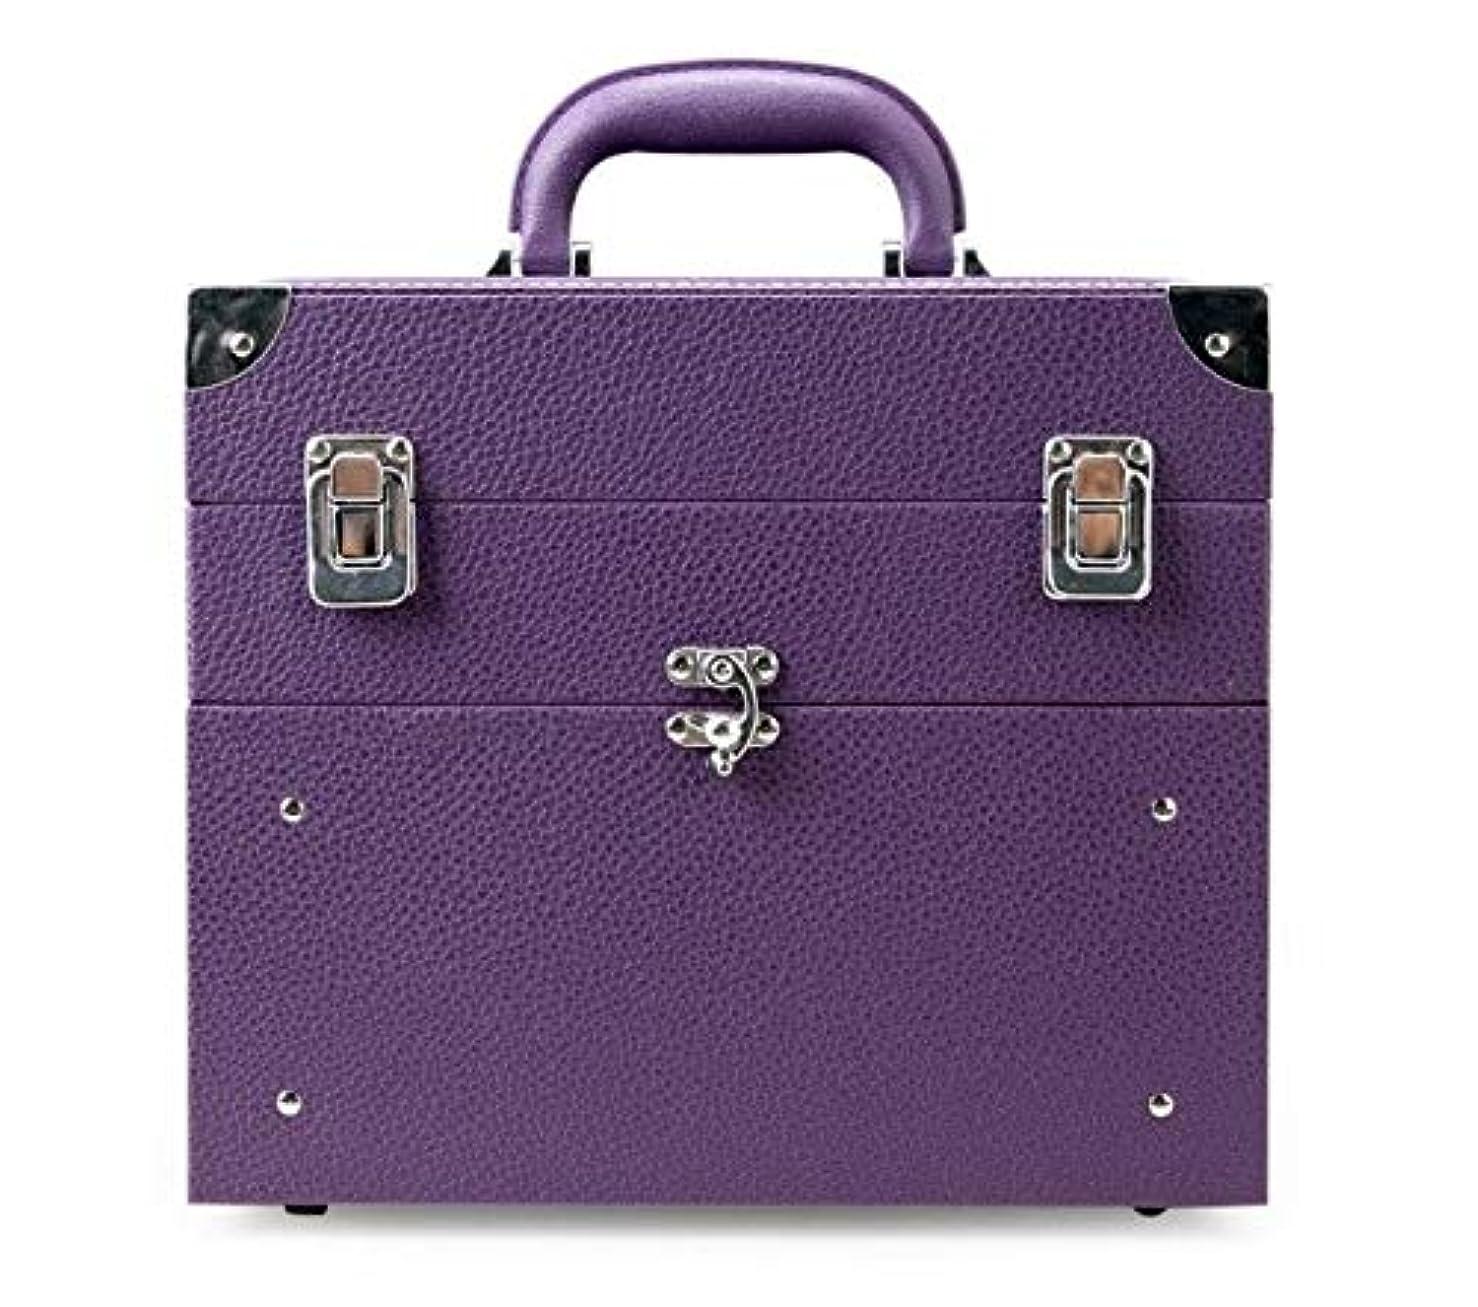 財政マリンワーカー化粧箱、大容量の二重層の携帯用化粧品の箱、携帯用旅行化粧品袋の収納袋、美の構造の釘の宝石類の収納箱 (Color : Purple)